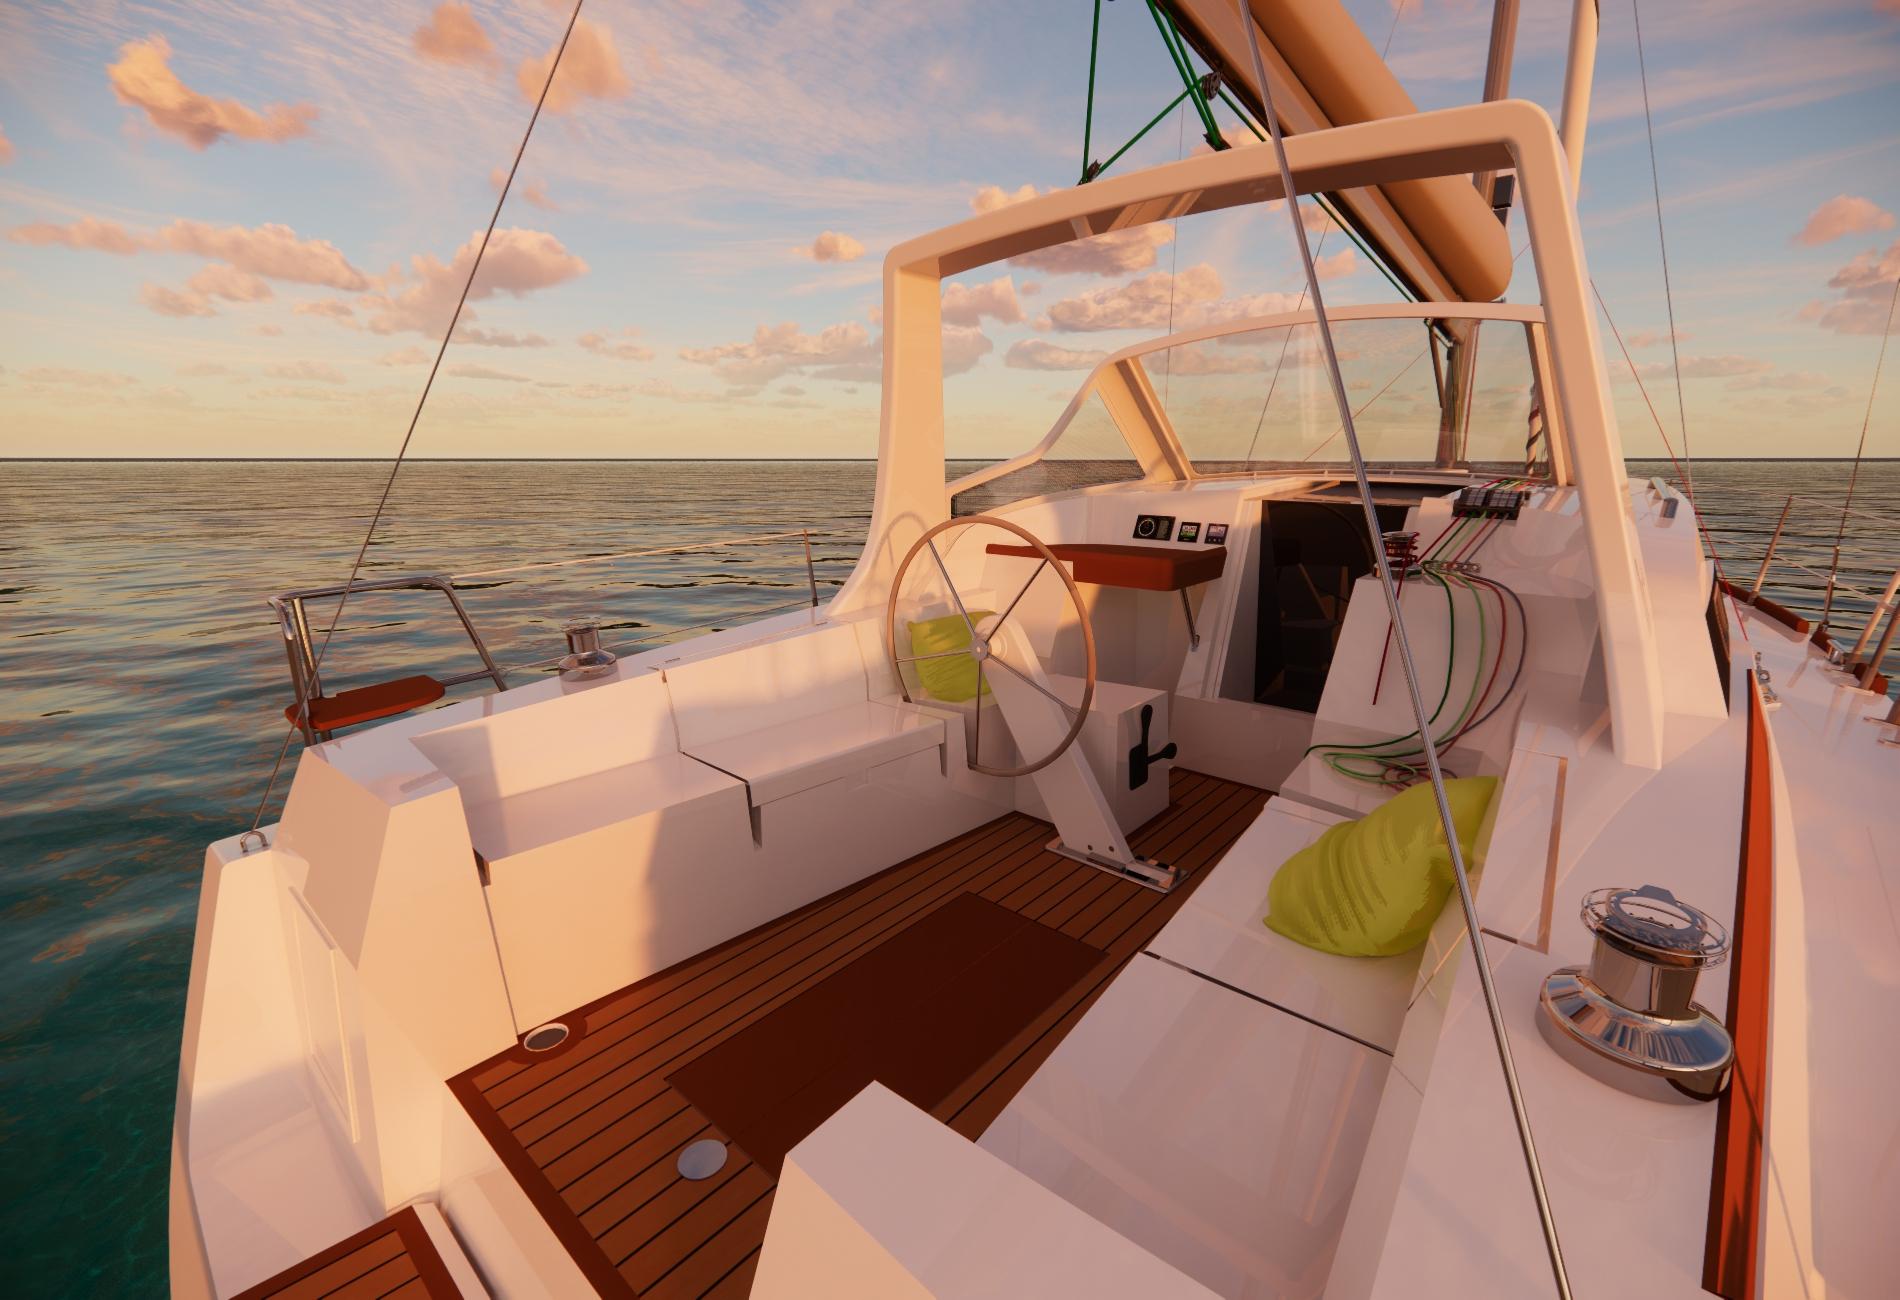 Wrighton36-Voilier de série-Vincent Lebailly-Architecture navale-Biquille-